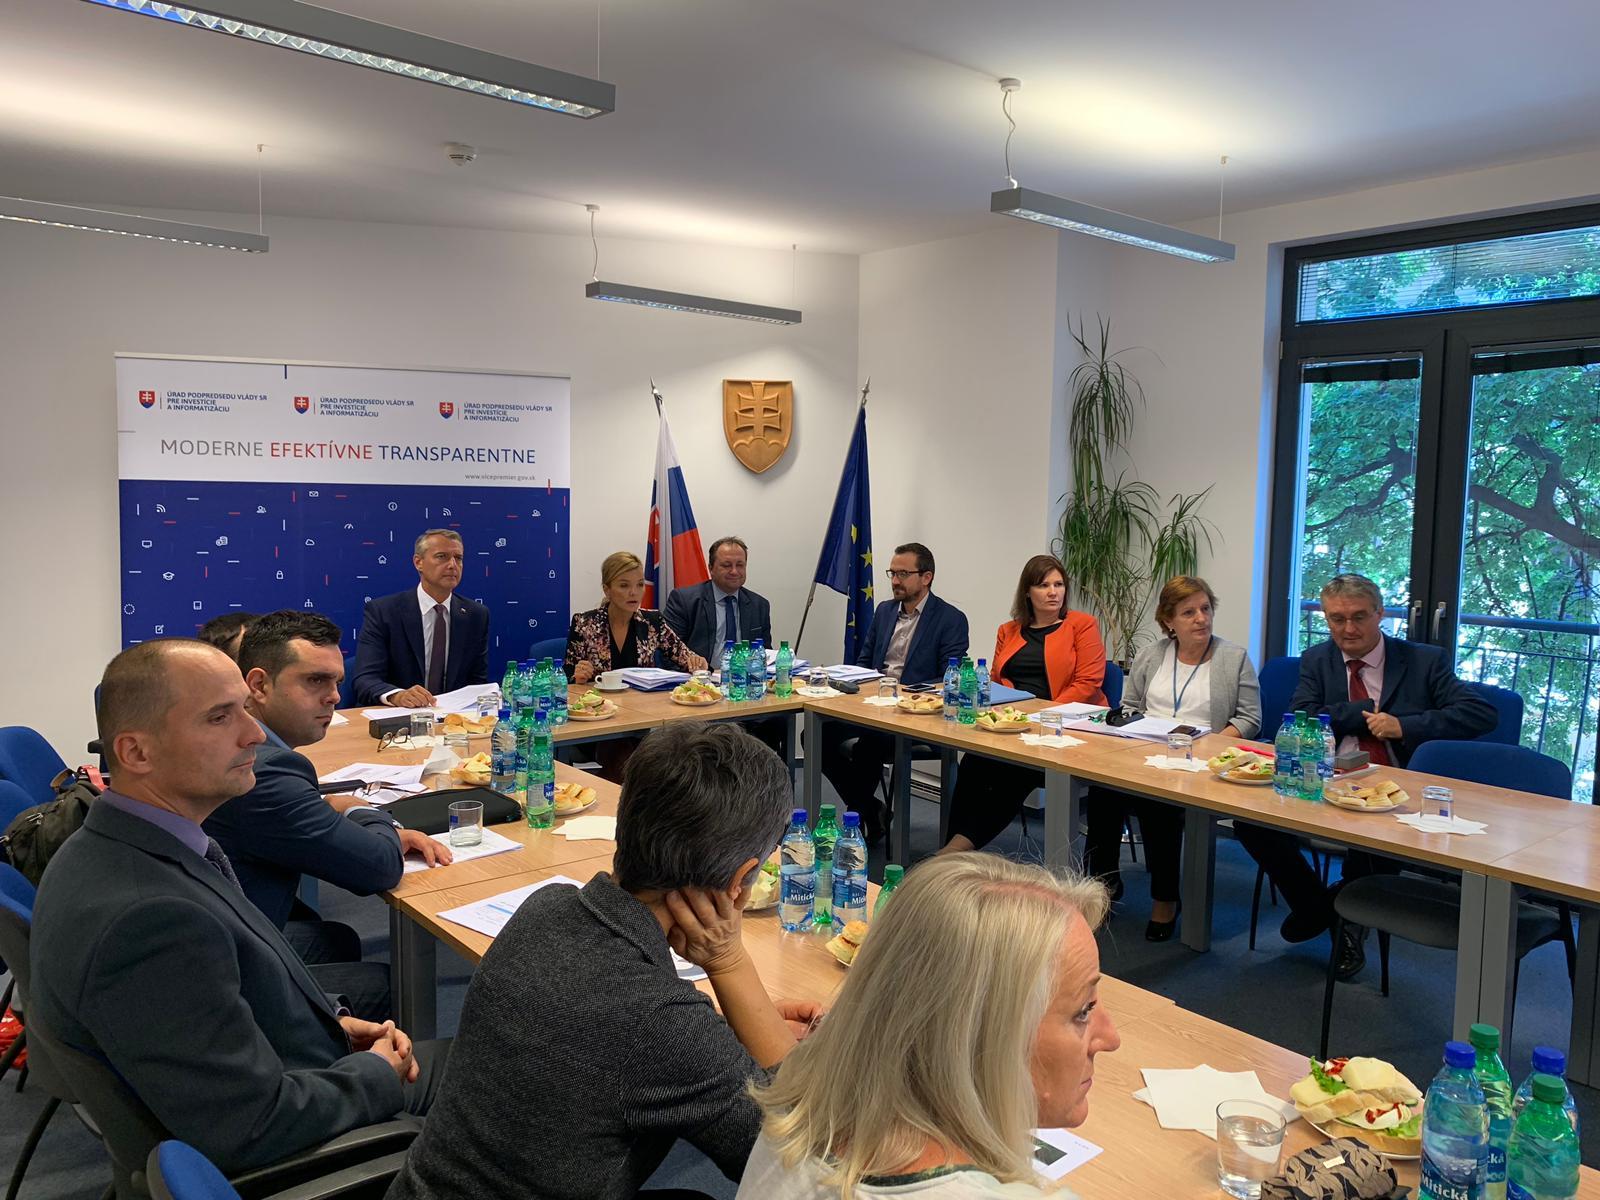 Pracovná skupina pre budúce eurofondy sa zaoberala investičnými prioritami Slovenska